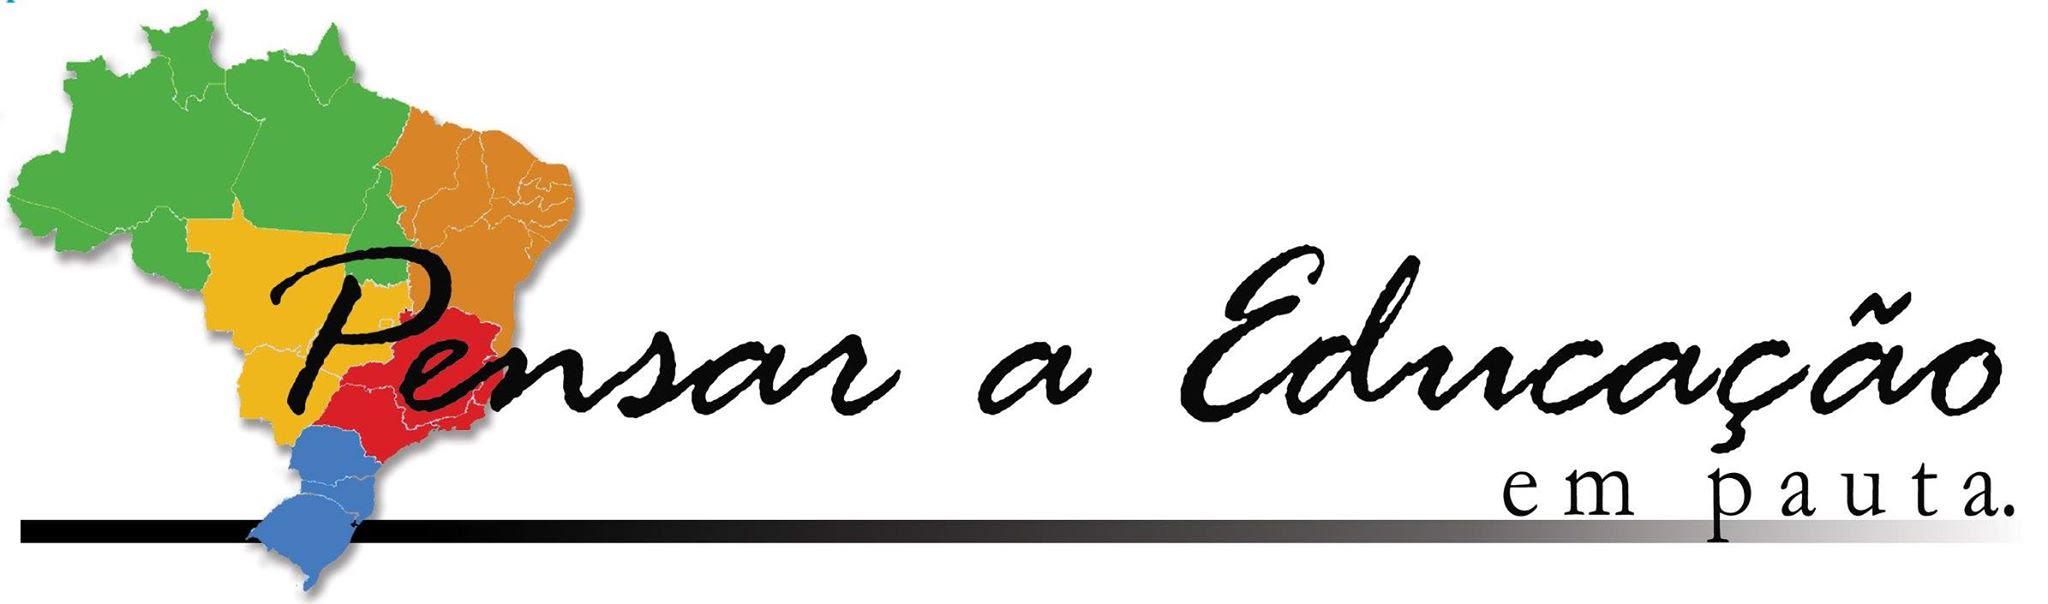 No ar novo número do boletim Pensar a Educação: Ano 5 – 186 / sexta-feira, 07 de dezembro de 2017